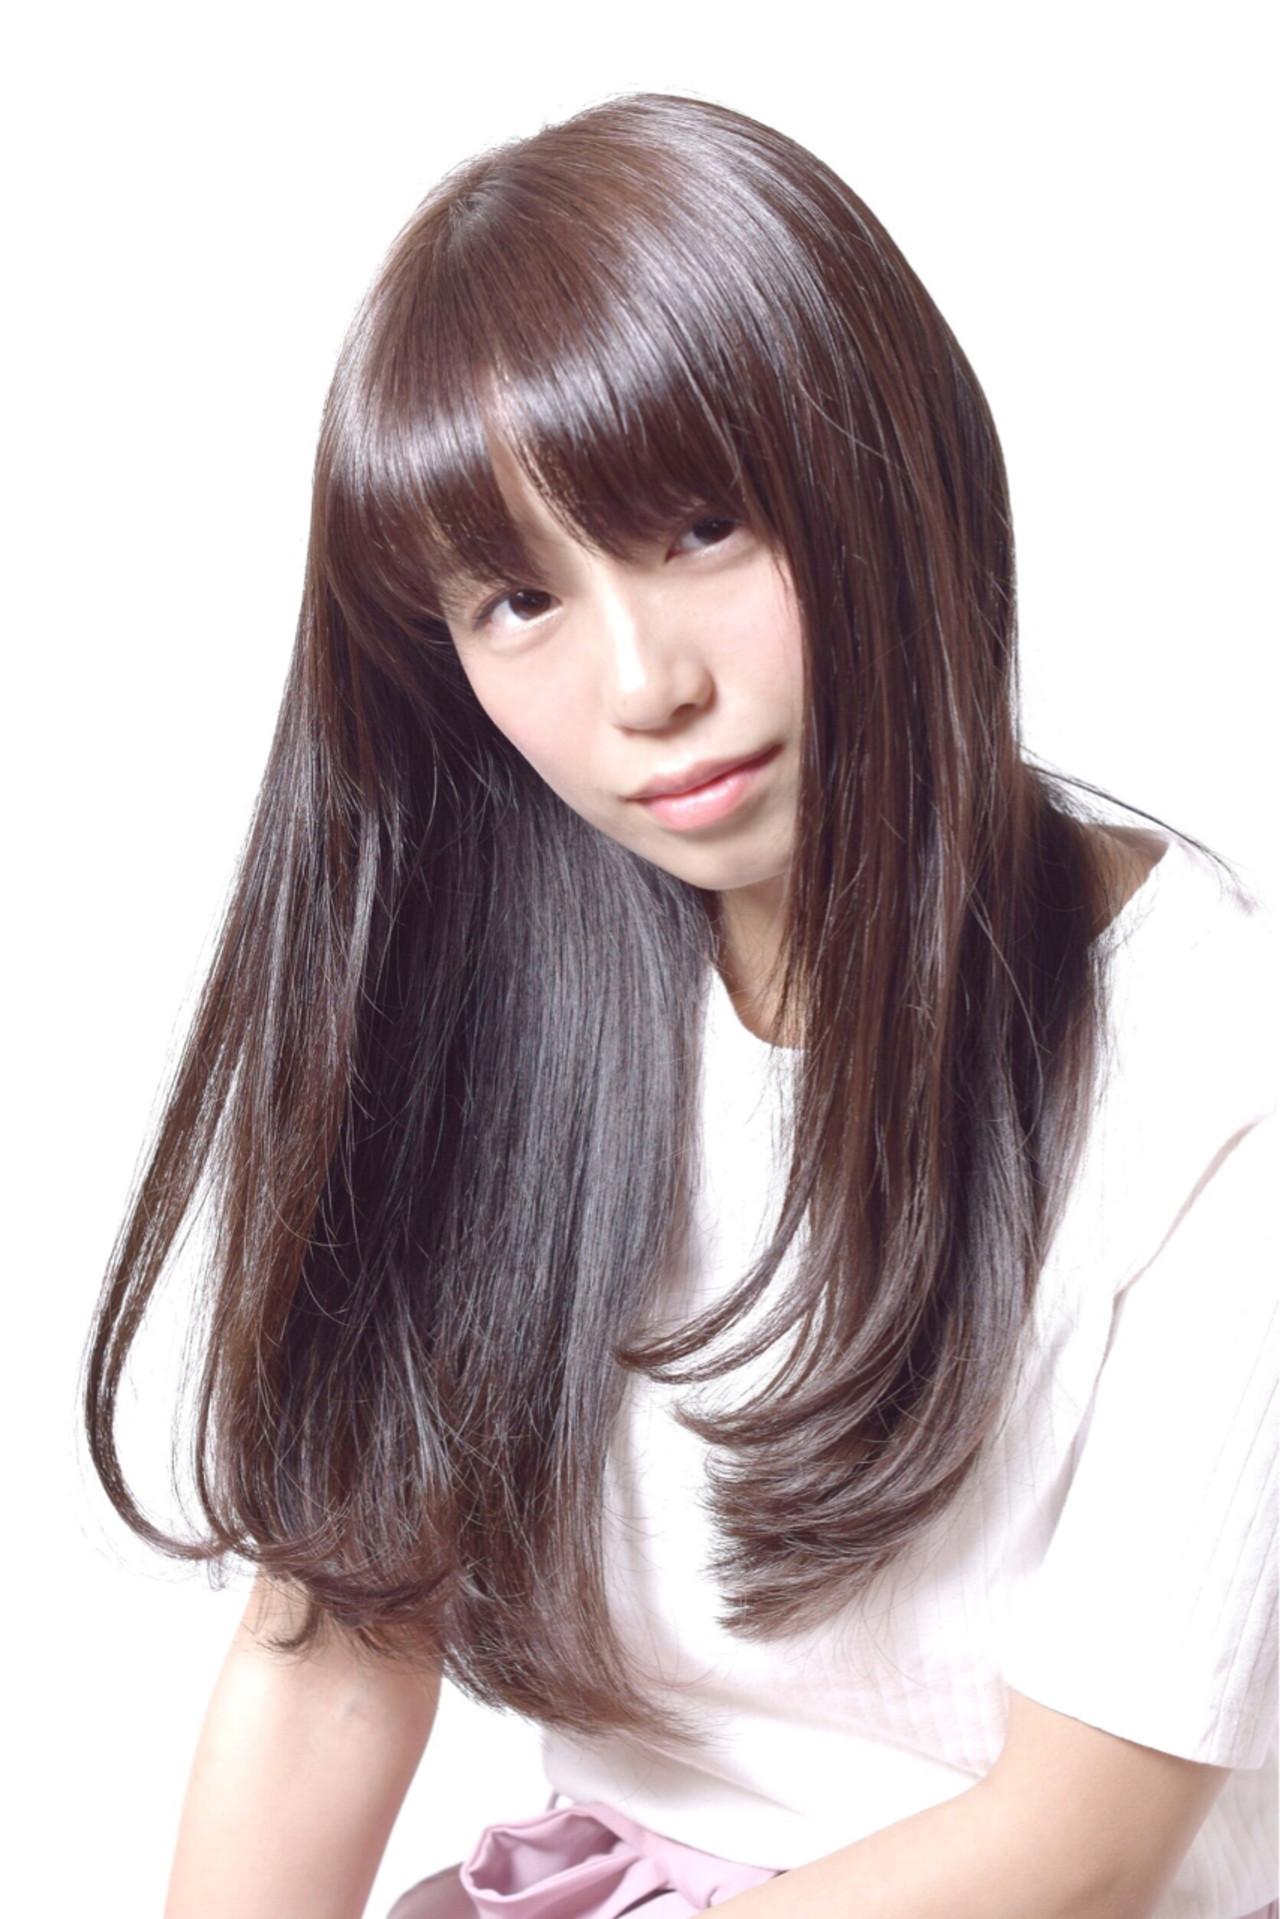 直毛のヘアアレンジがうまくできないときは? haruka